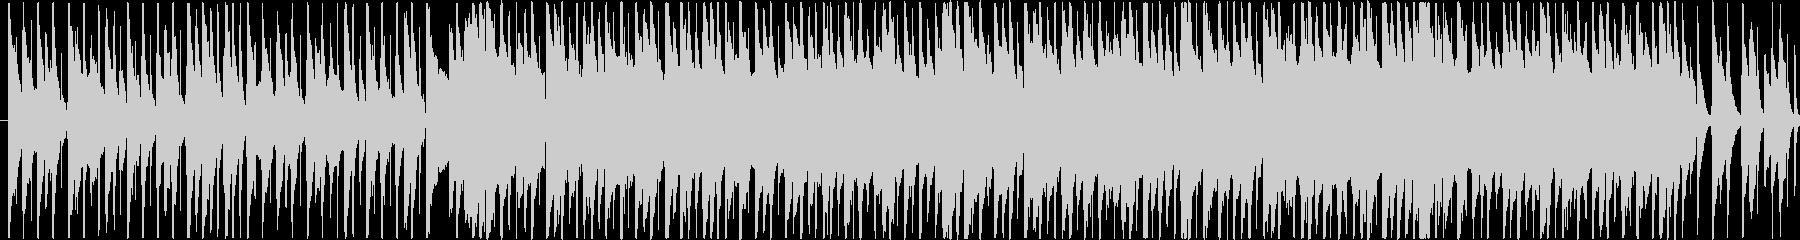 楽しくコミカルなBGM(60ver)の未再生の波形